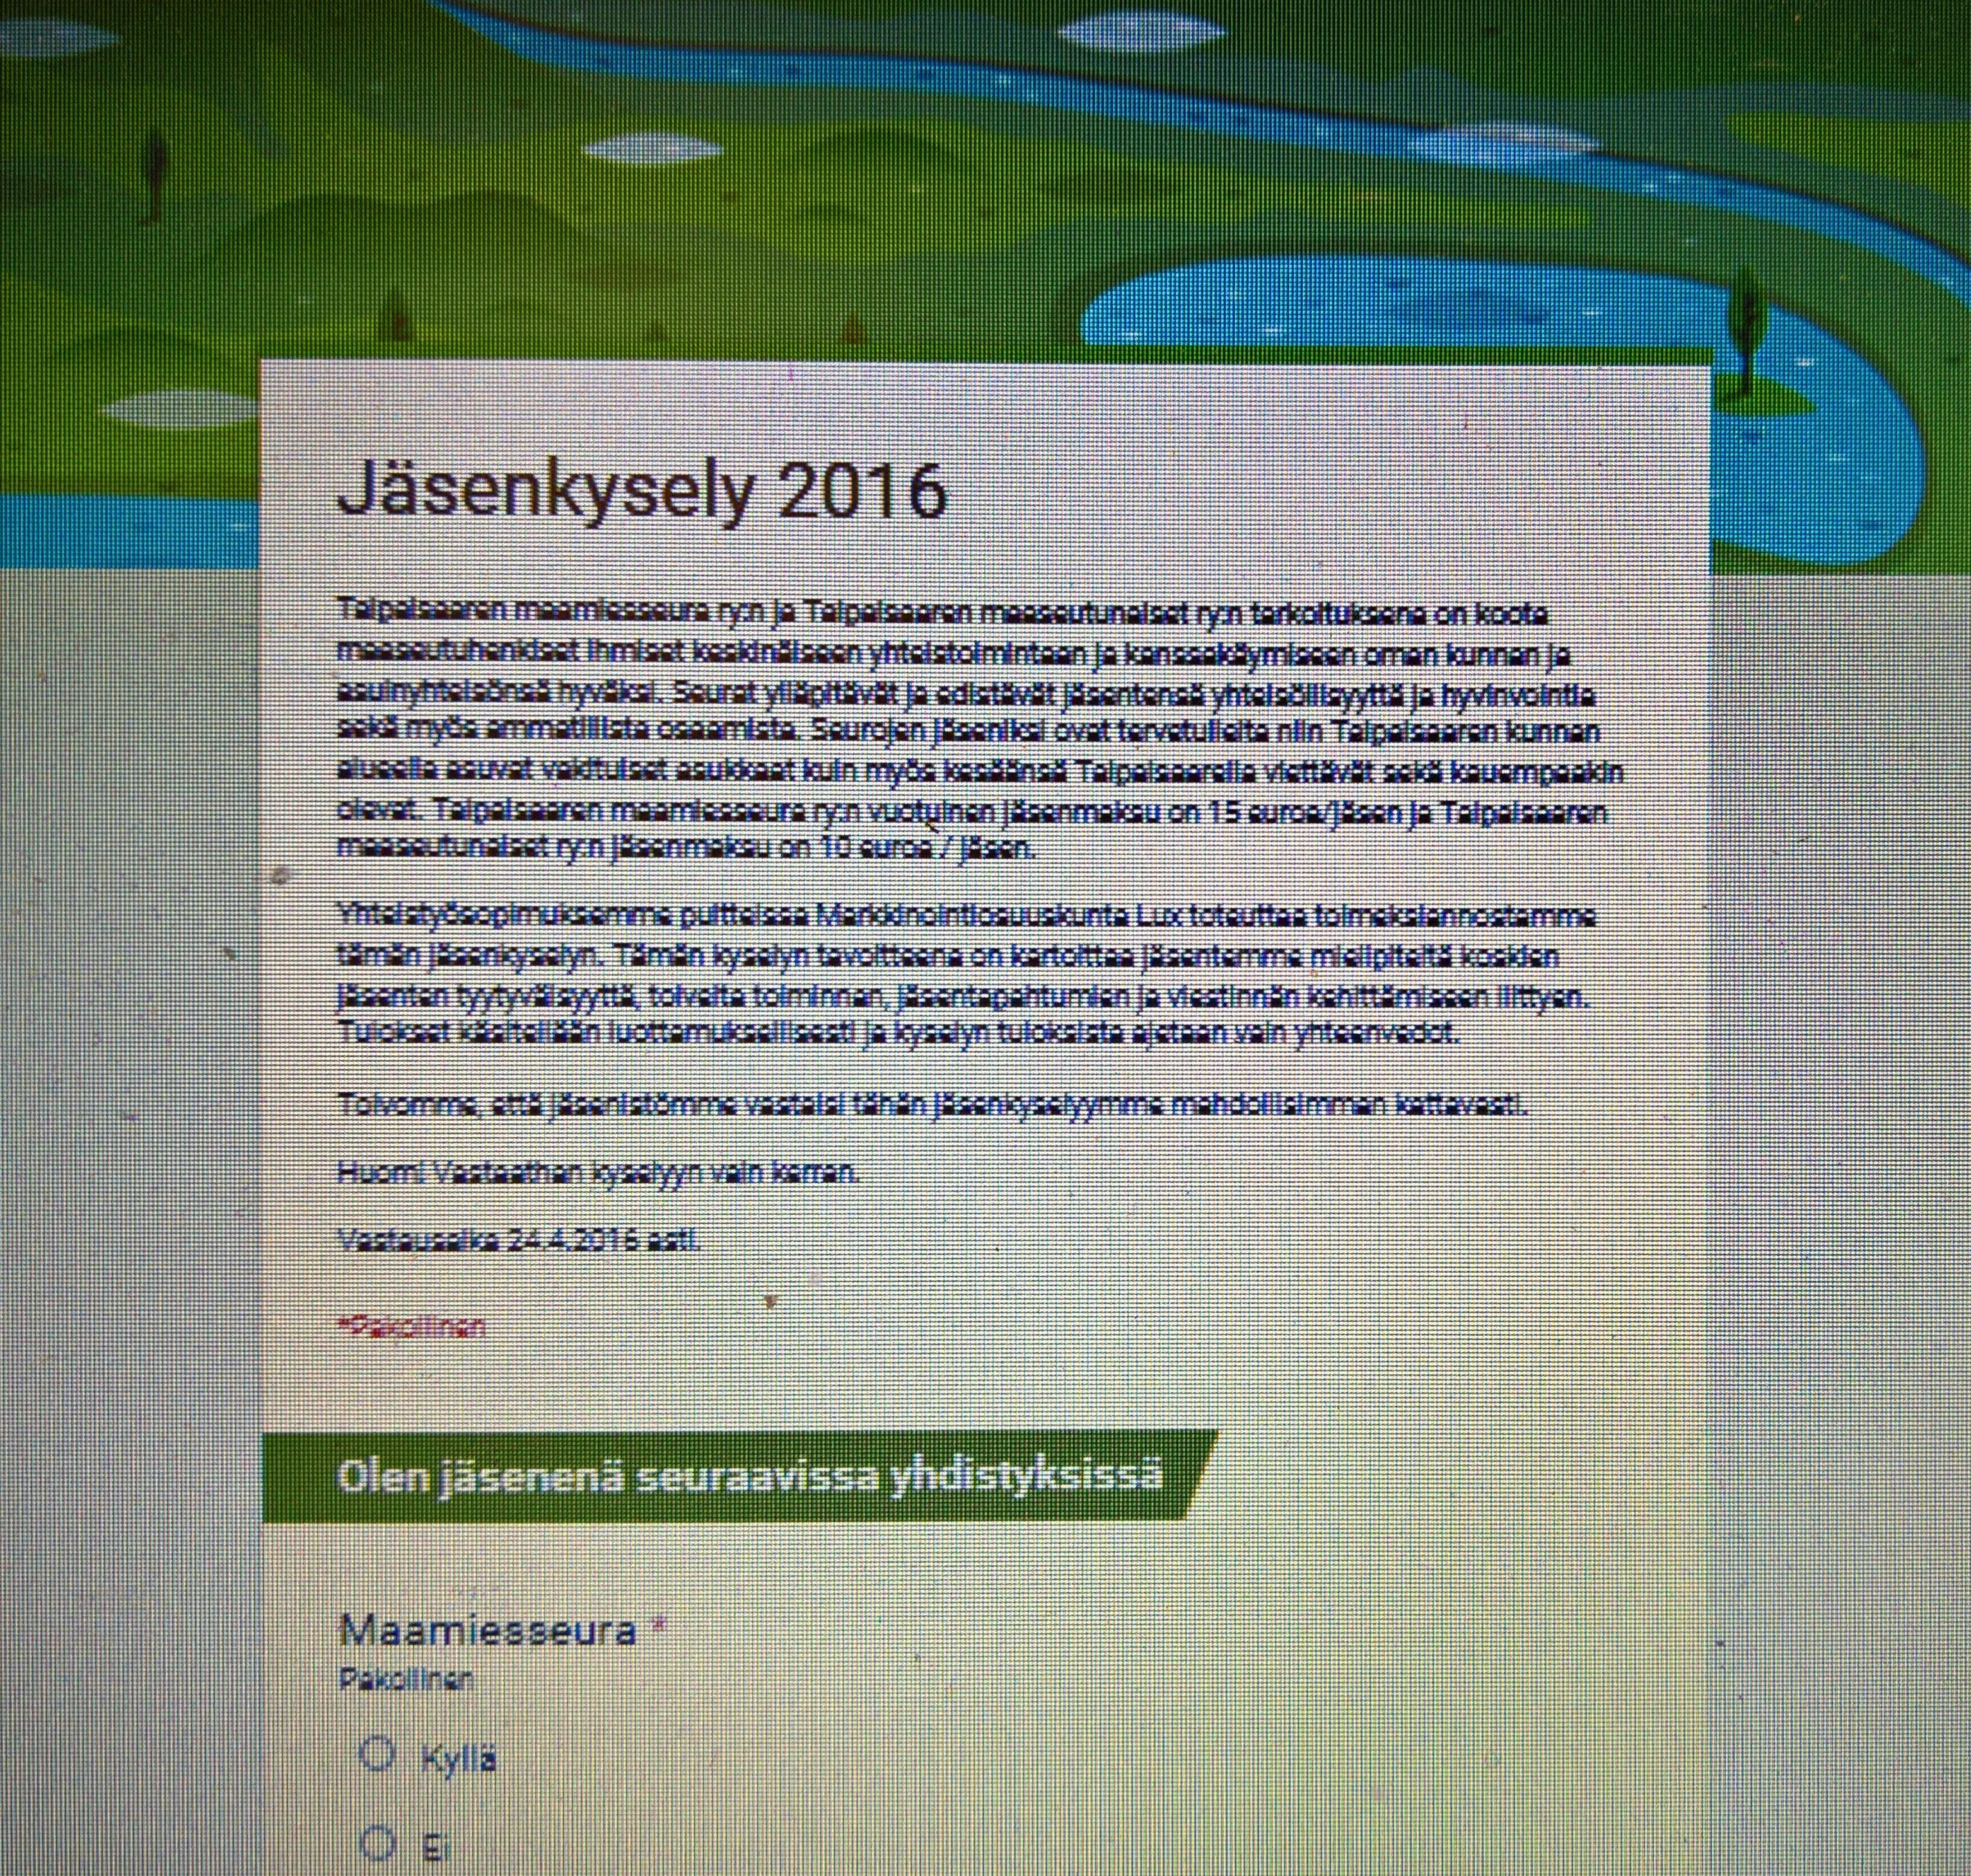 Jäsenkysely 2016